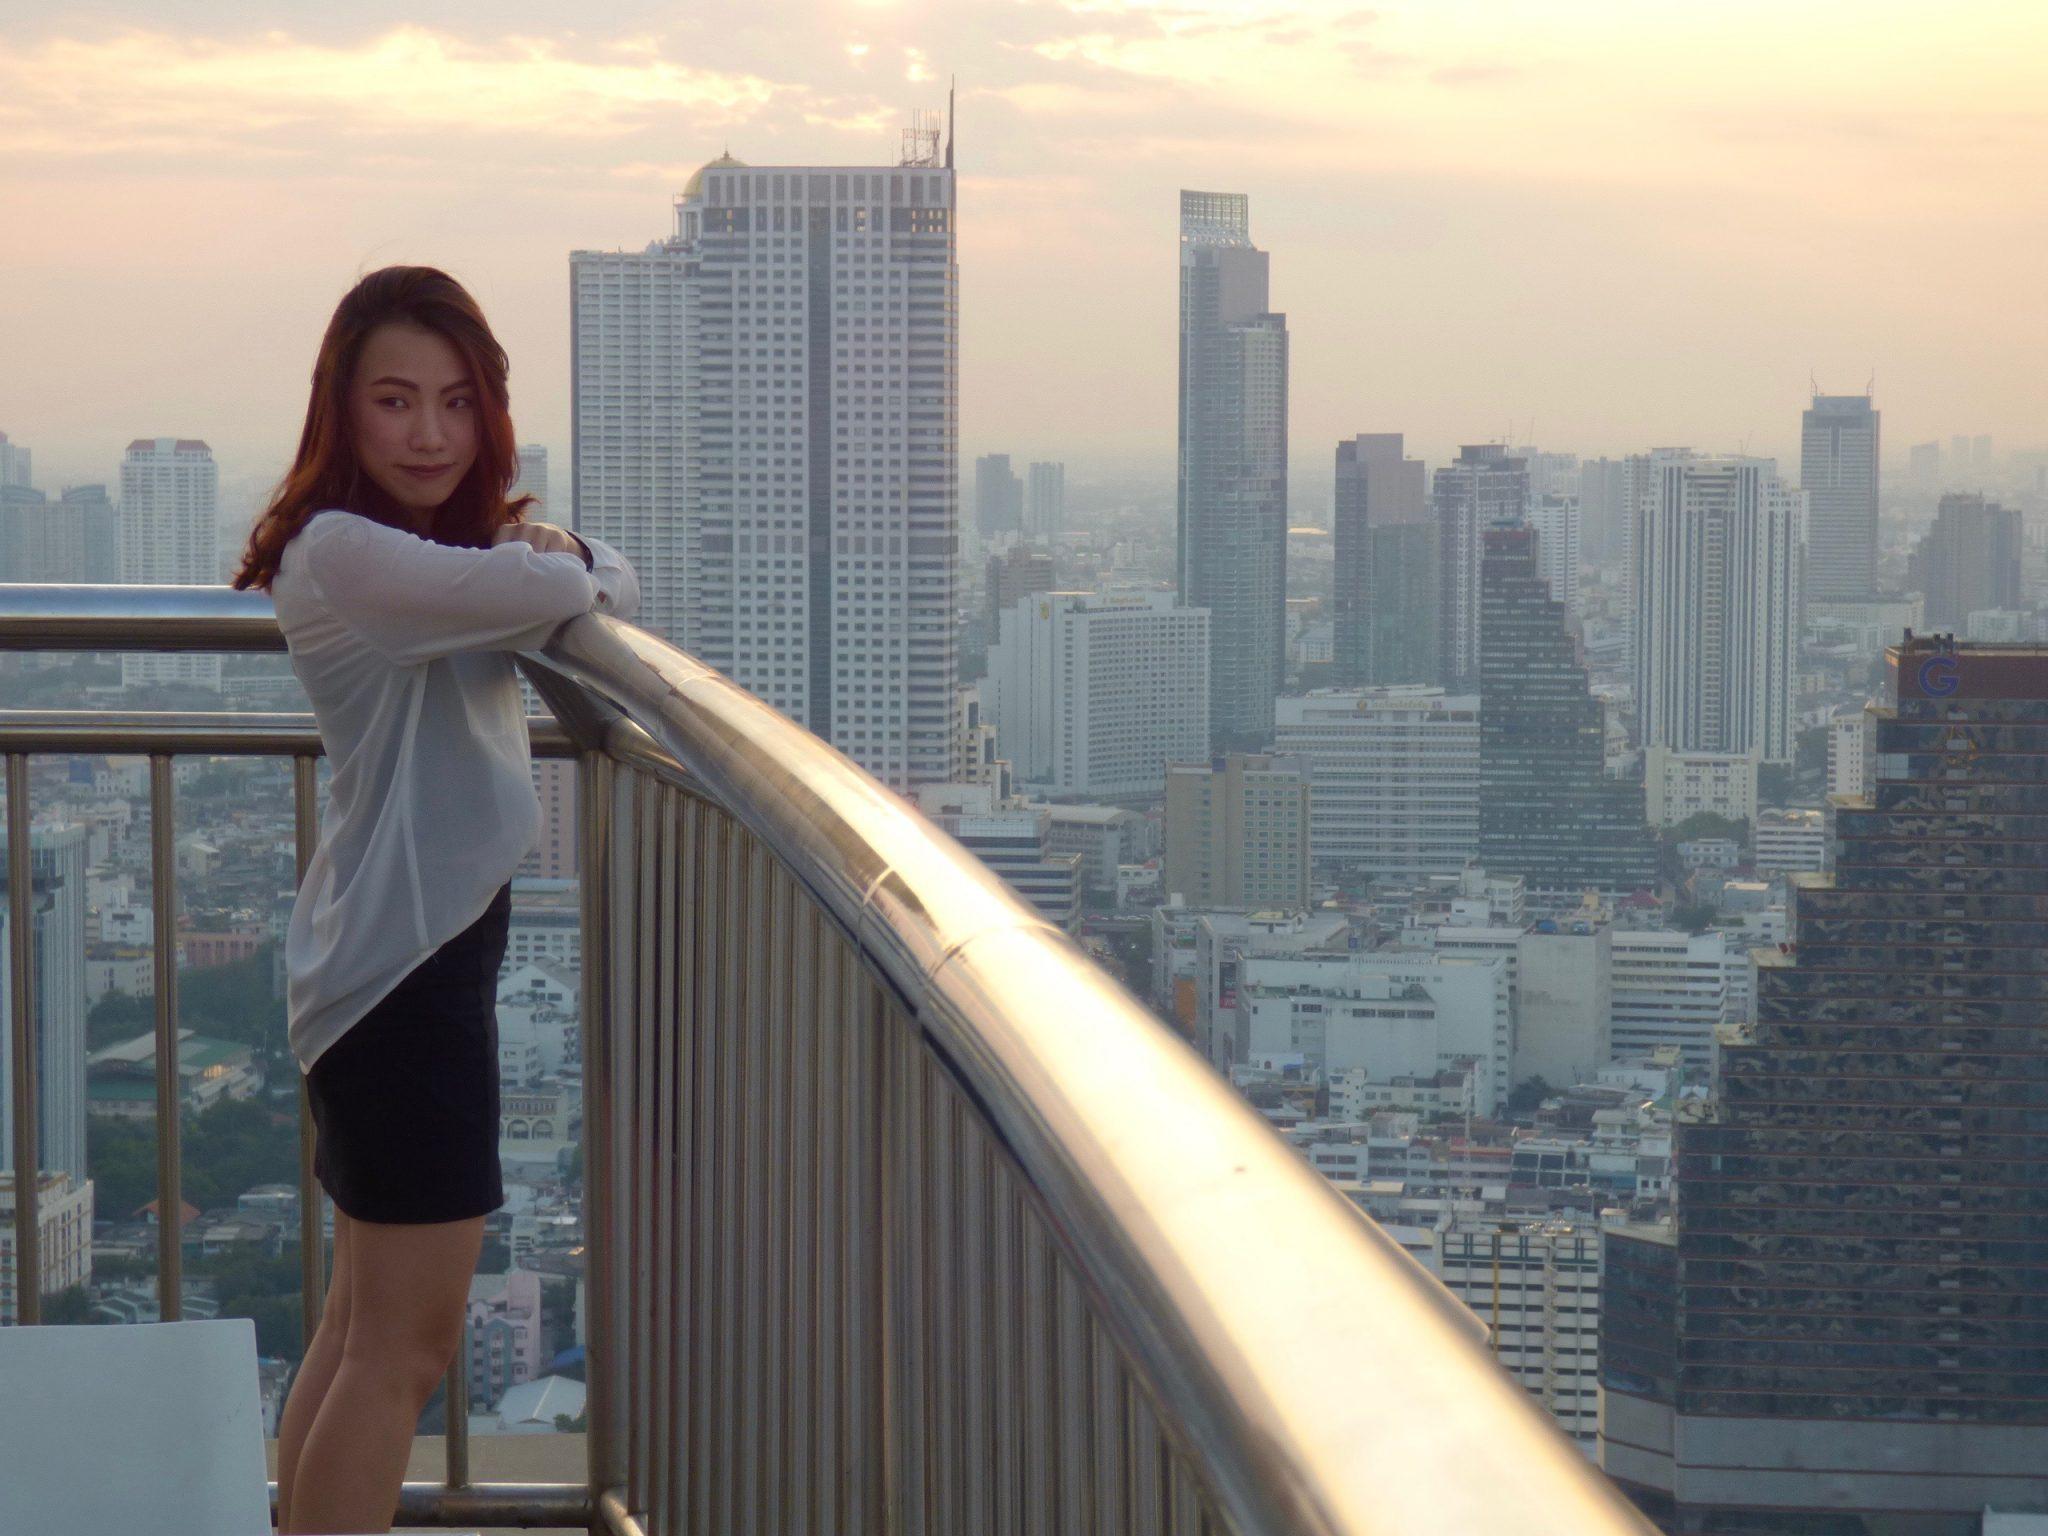 Cloud 47 kattobaari Bangkok